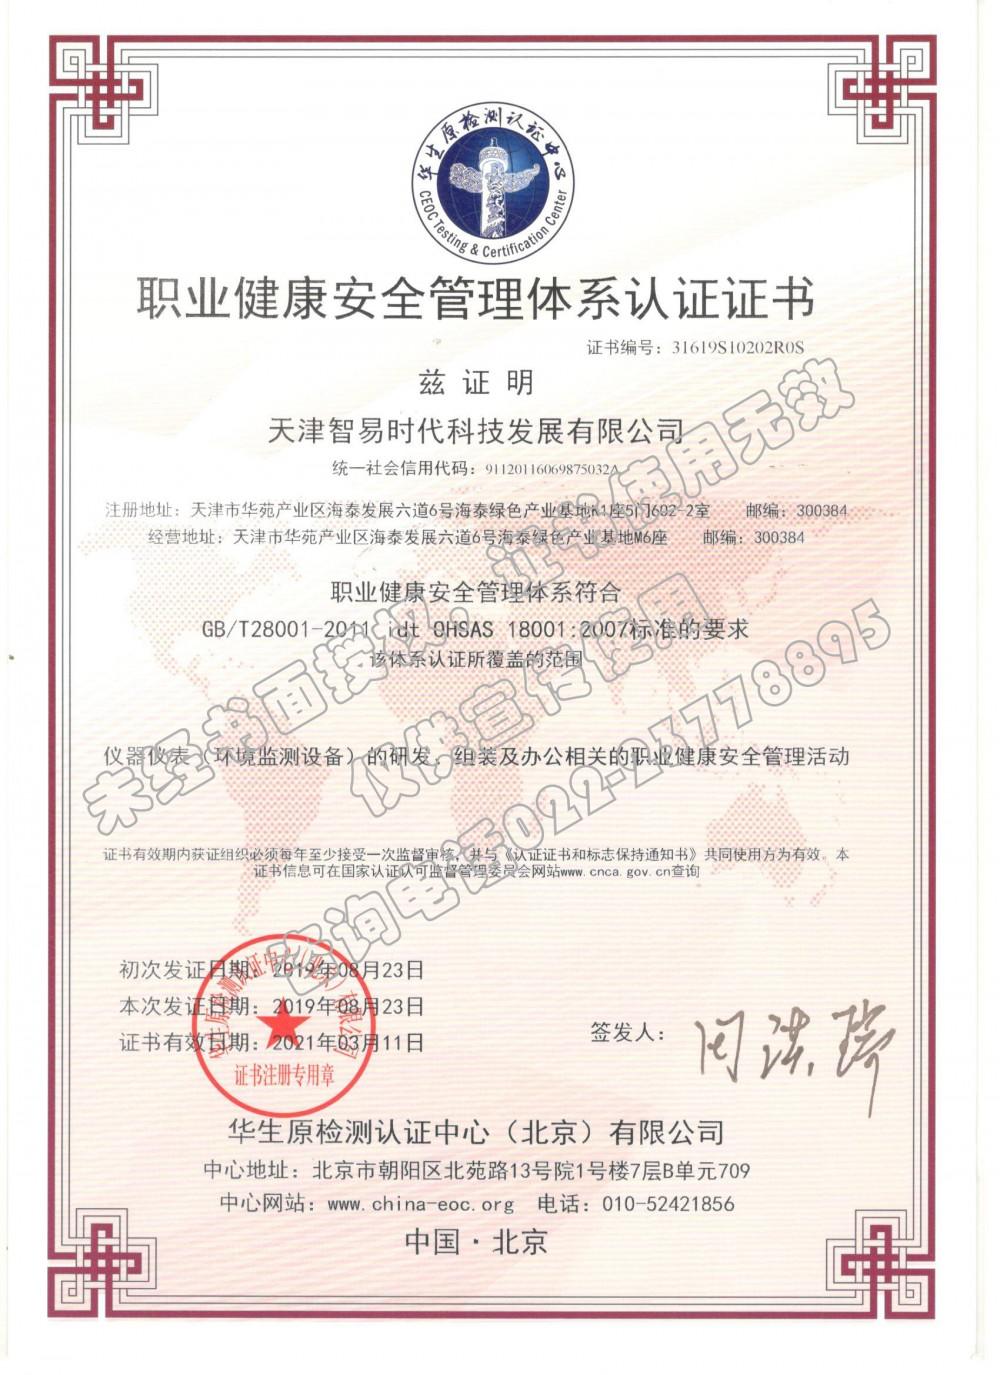 原尺寸-职业健康安全管理体系认证证书